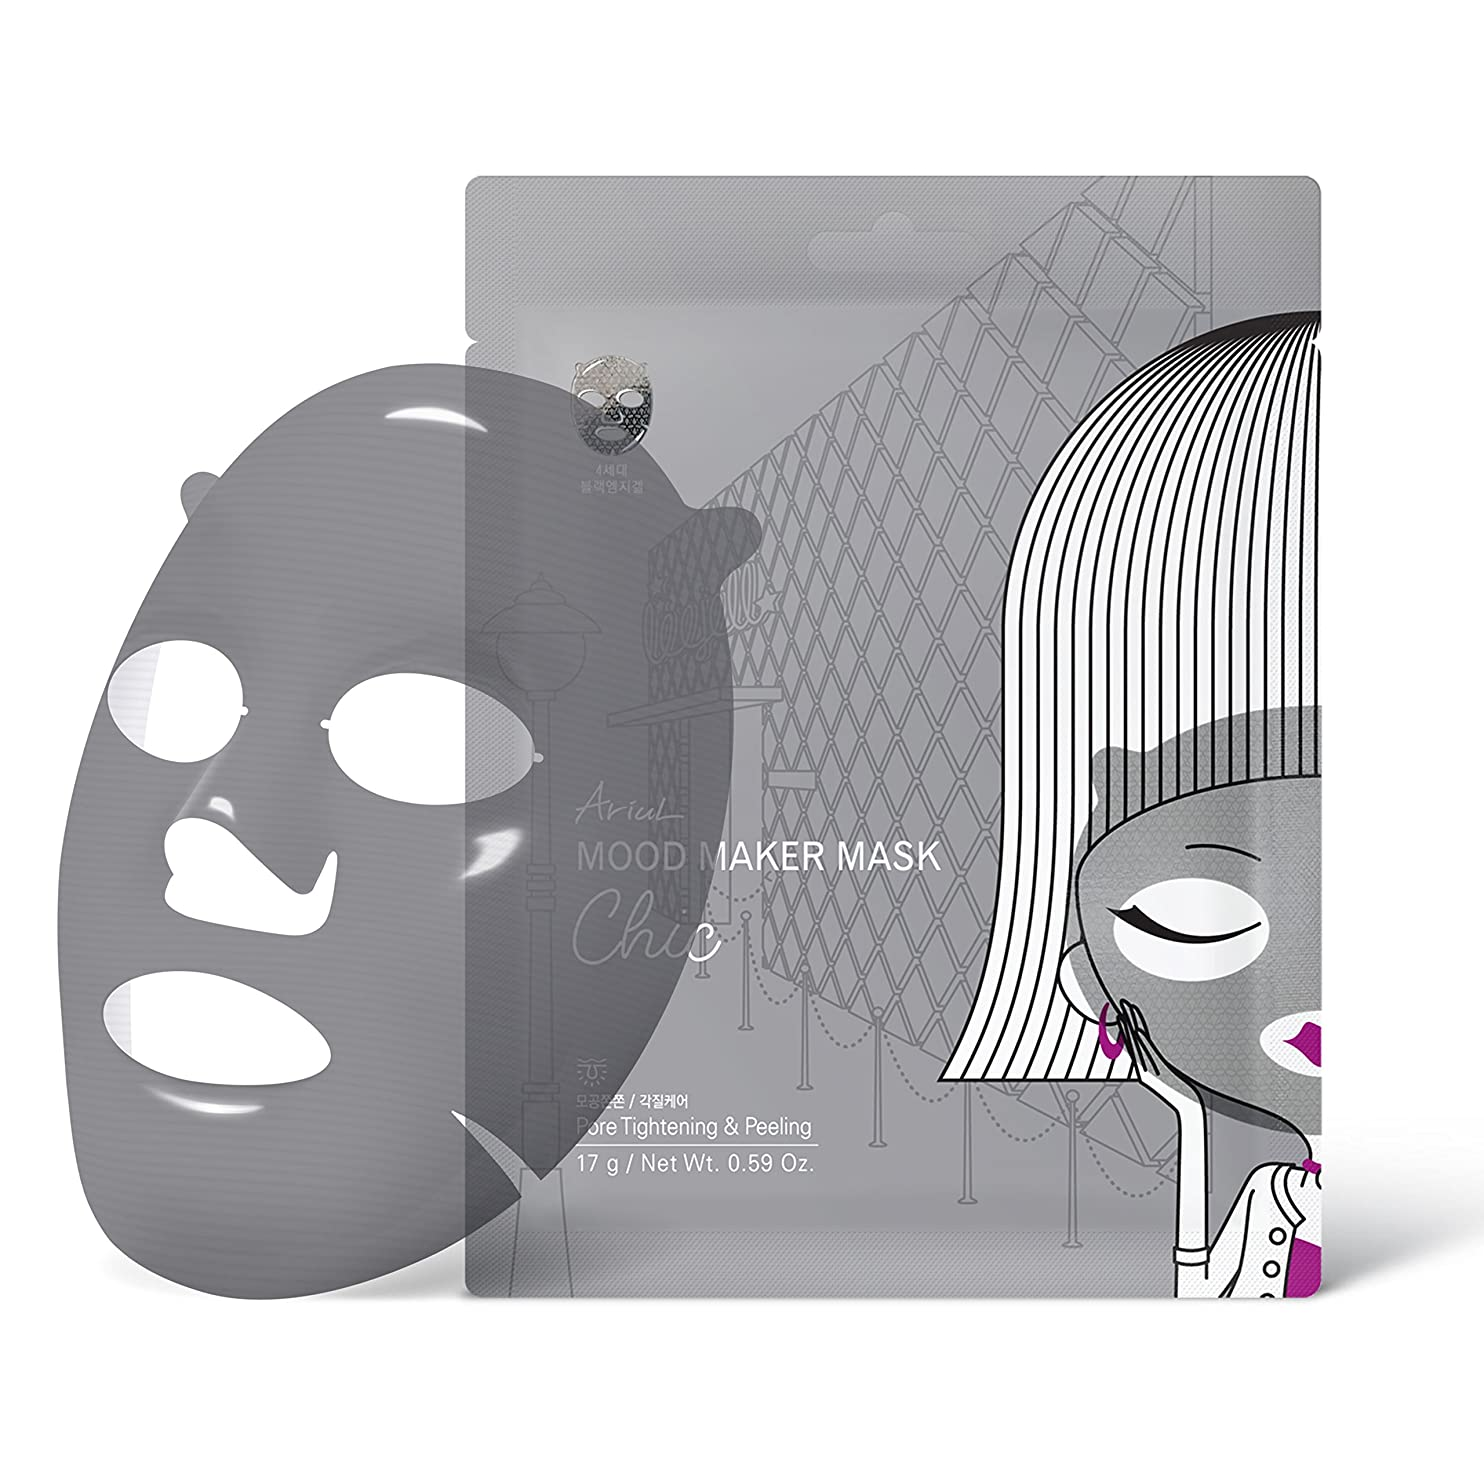 近代化する標準第二にアリウル ムードメーカーマスク シック 1枚入り